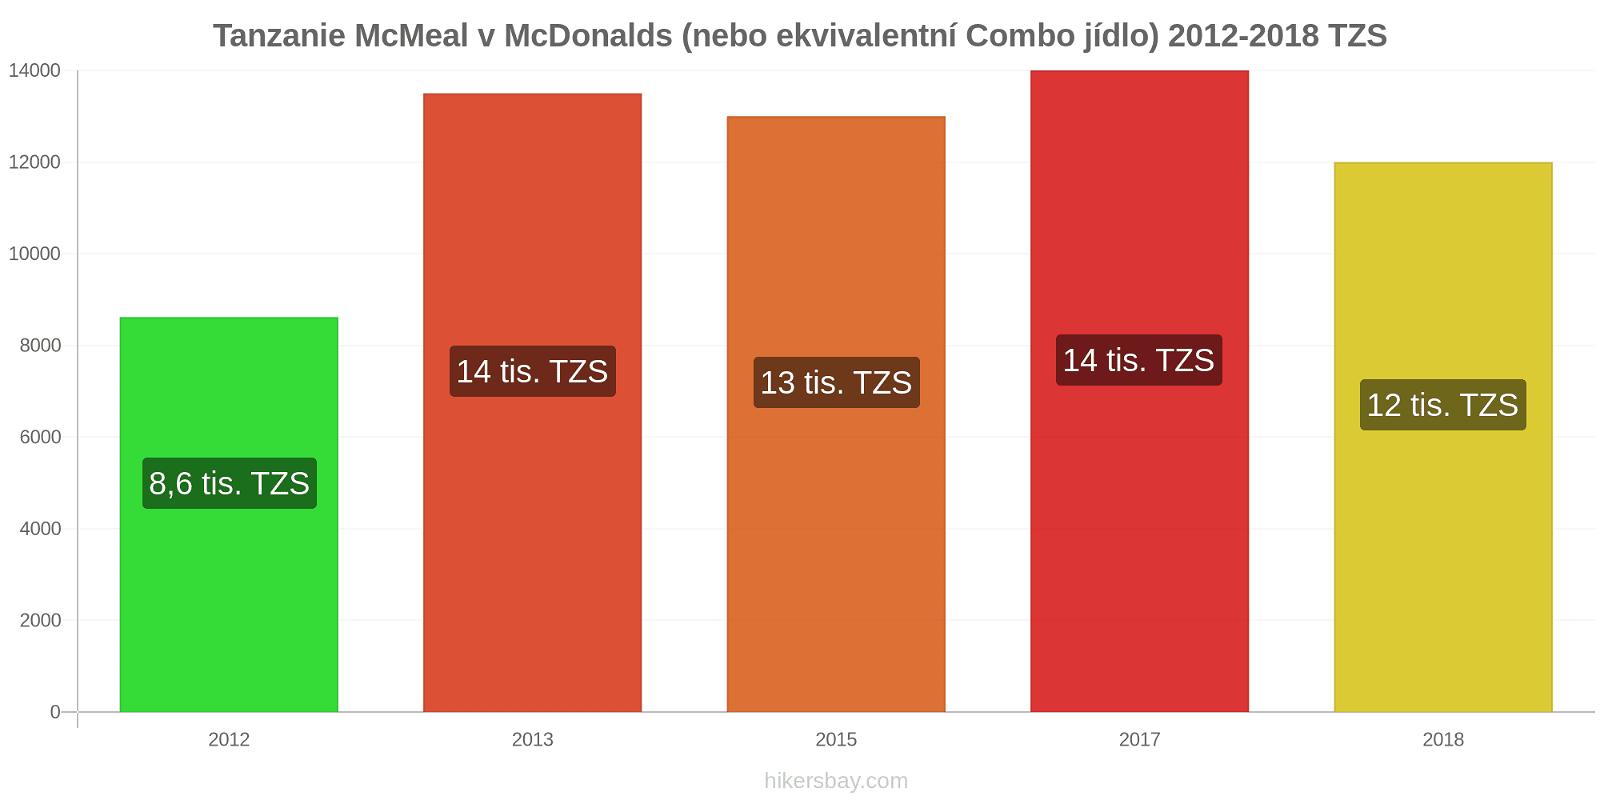 Tanzanie změny cen McMeal v McDonalds (nebo ekvivalentní Combo jídlo) hikersbay.com